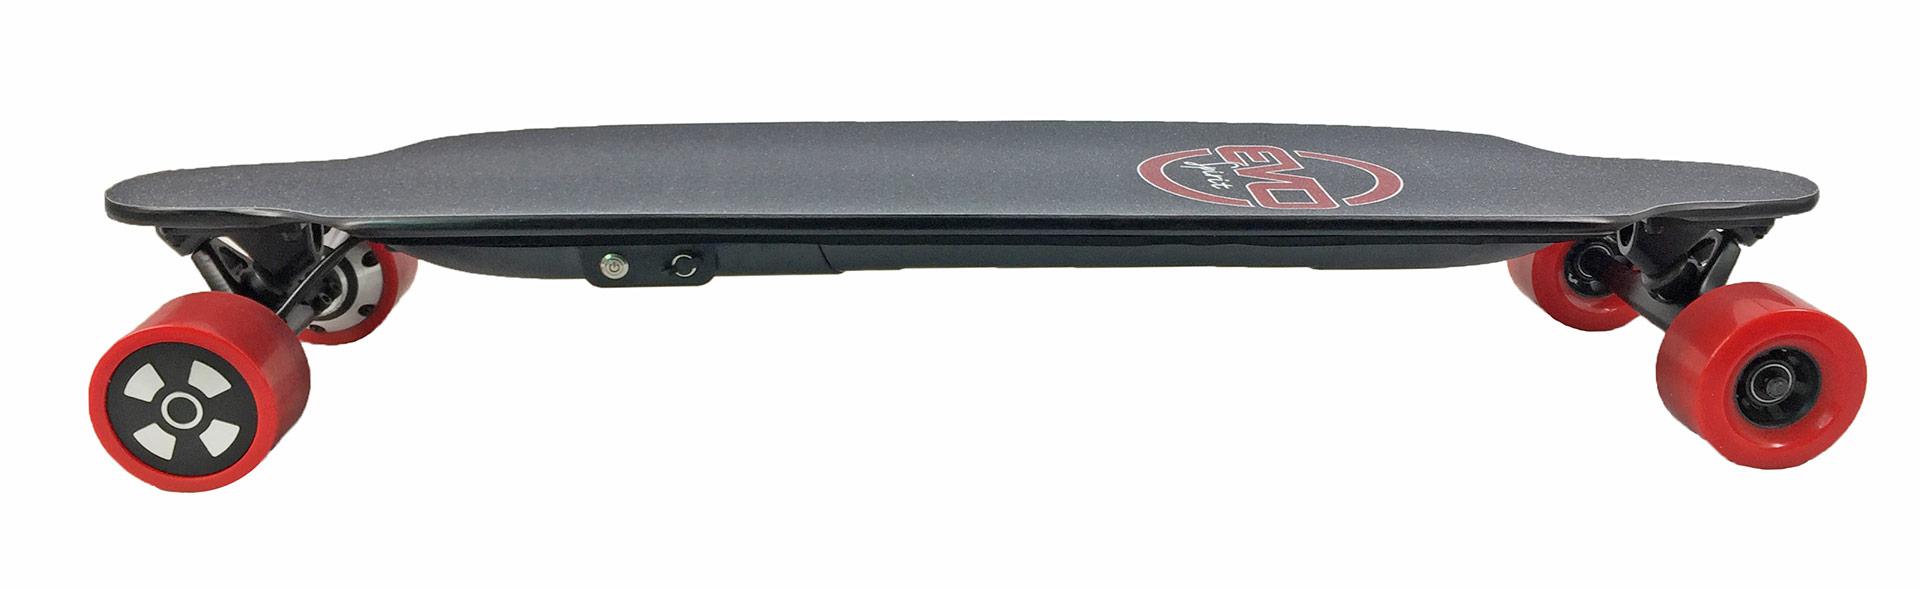 Curve V3 skate longboard électrique bi-moteur